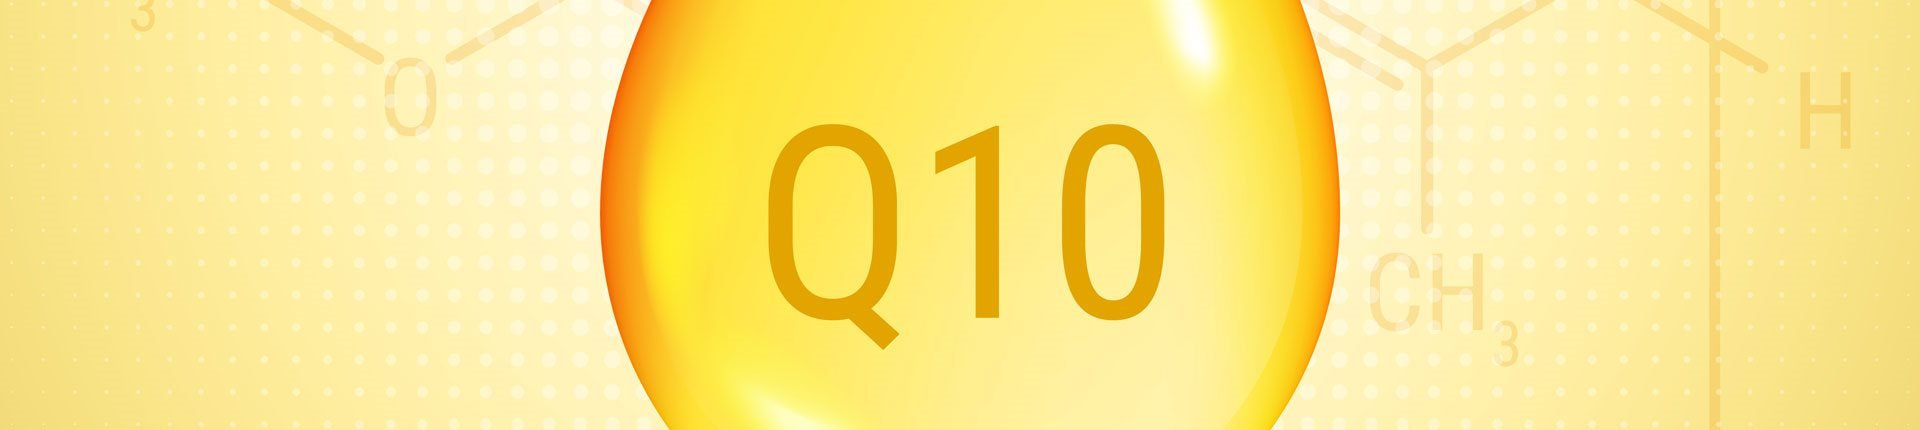 Najlepszy KOENZYM Q10 - jaki KOENZYM Q10 wybrać?